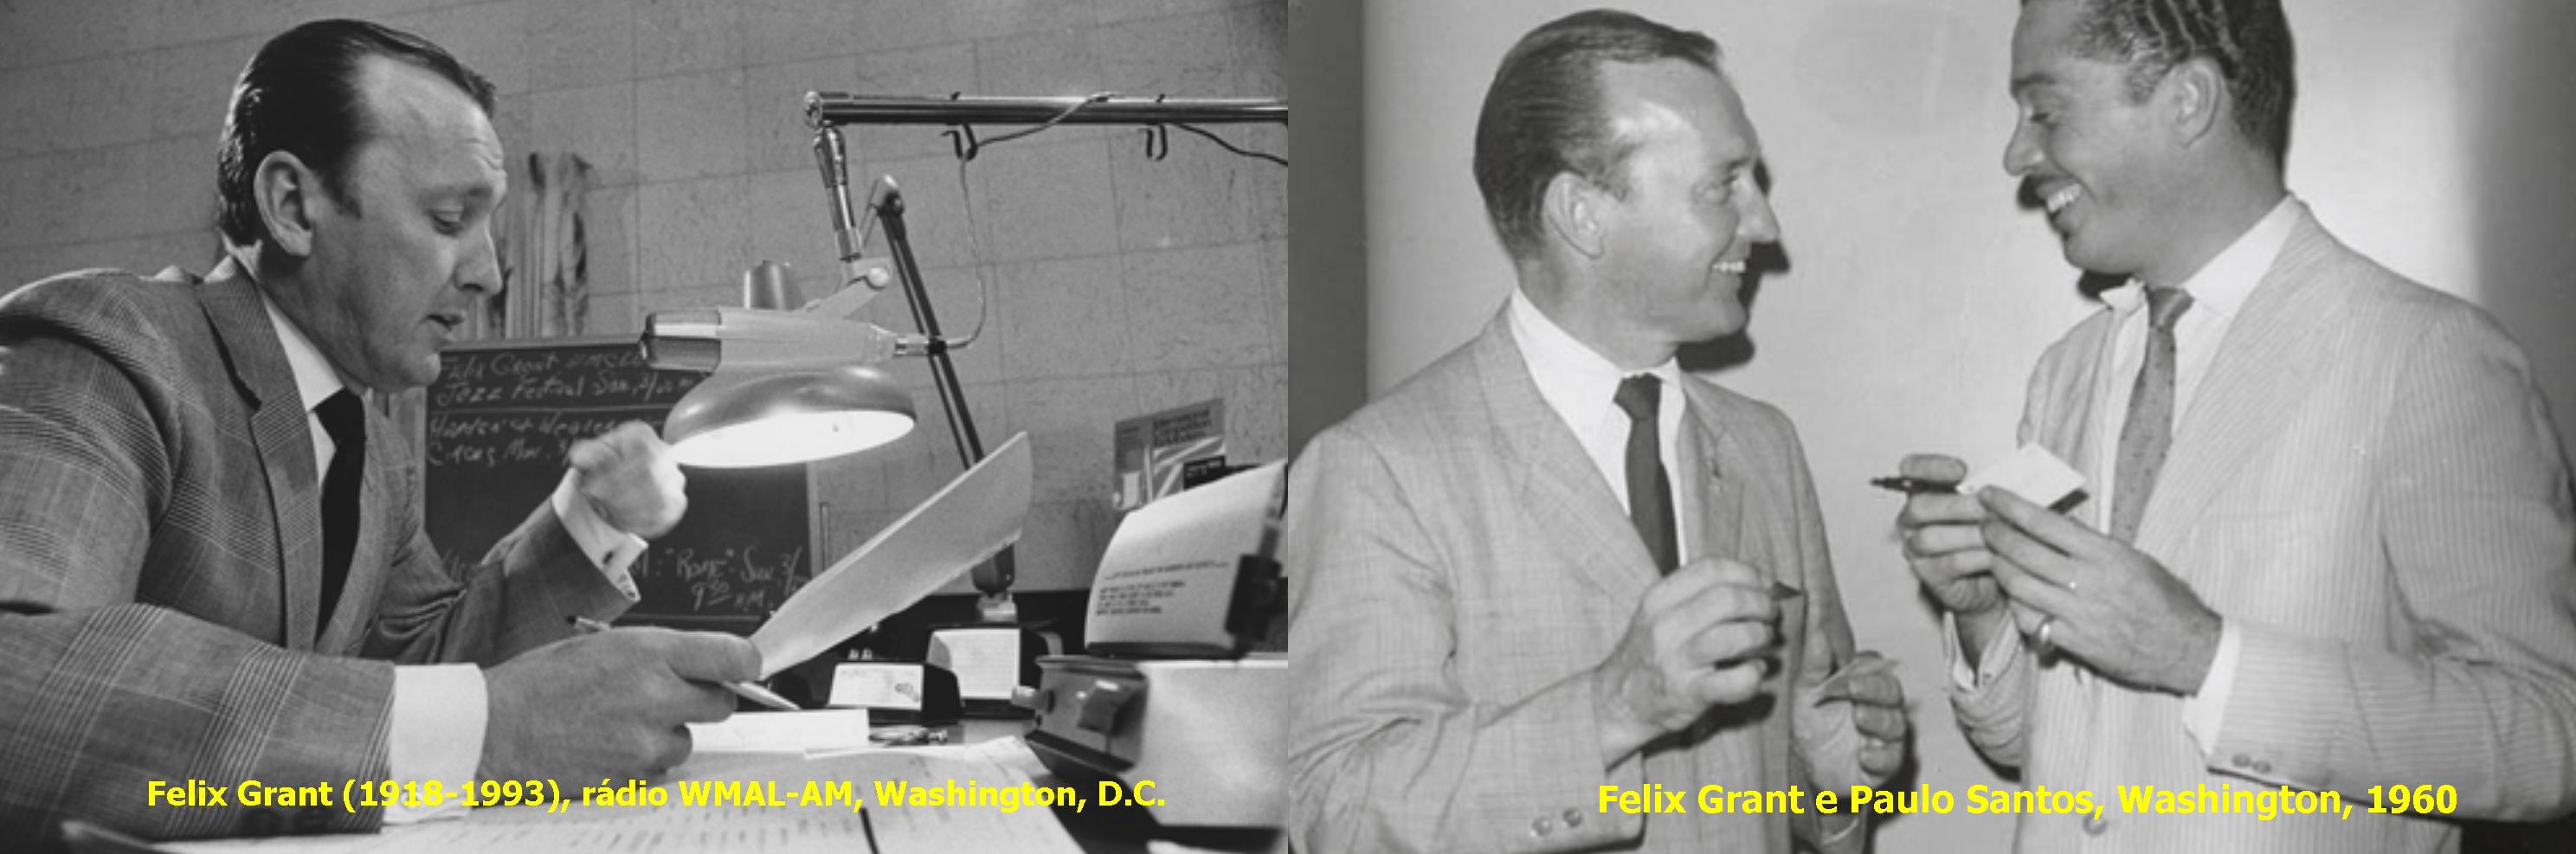 Felix Grant foi um apresentador de rádio localizado em Washington.